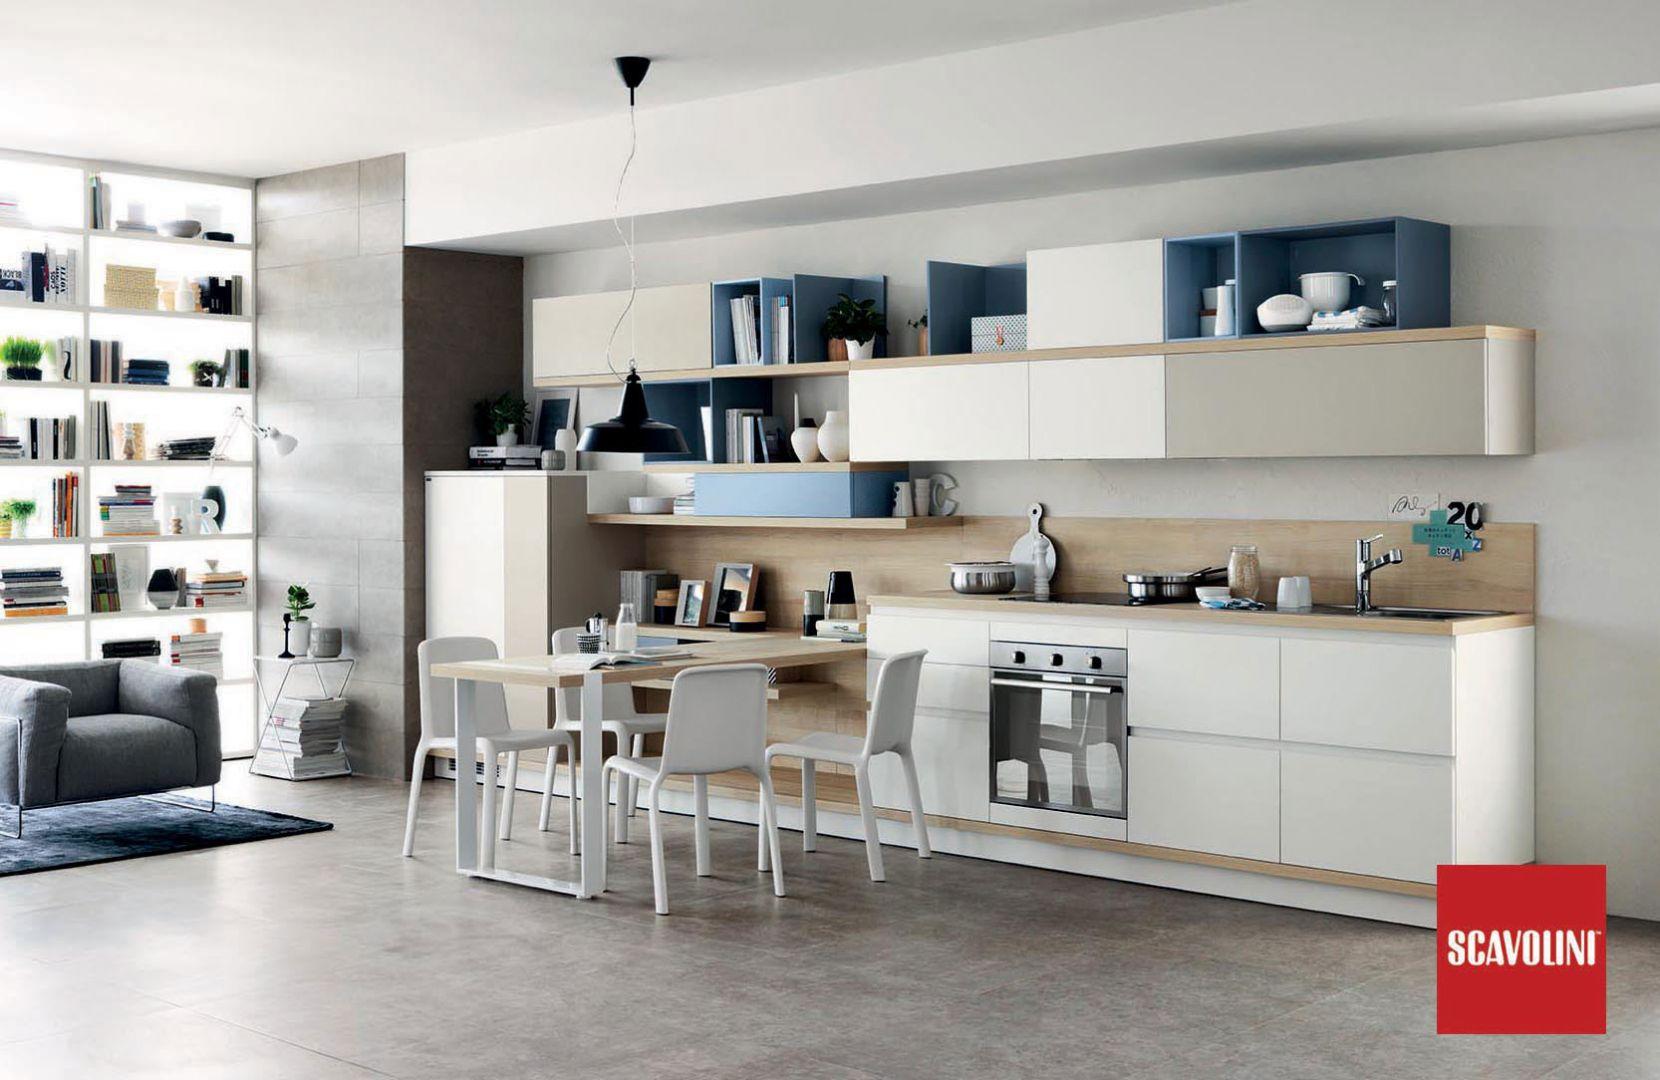 Cucina Scavolini Foodshelf